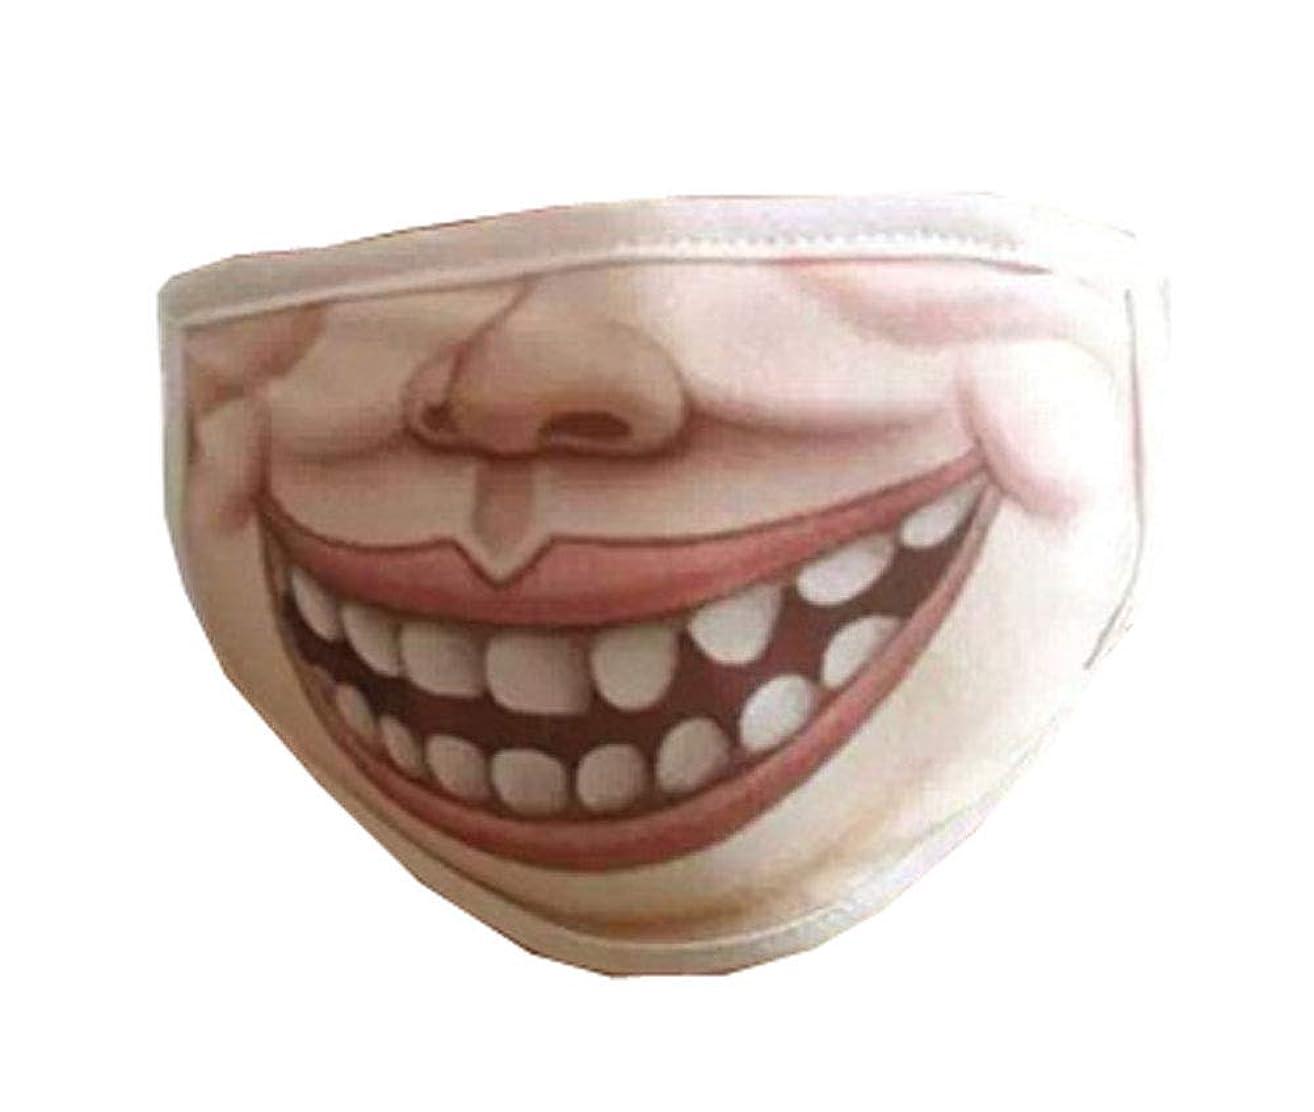 裏切り者内向き誘発する面白い口のマスク、かわいいユニセックス顔の十代のマスク(G2)